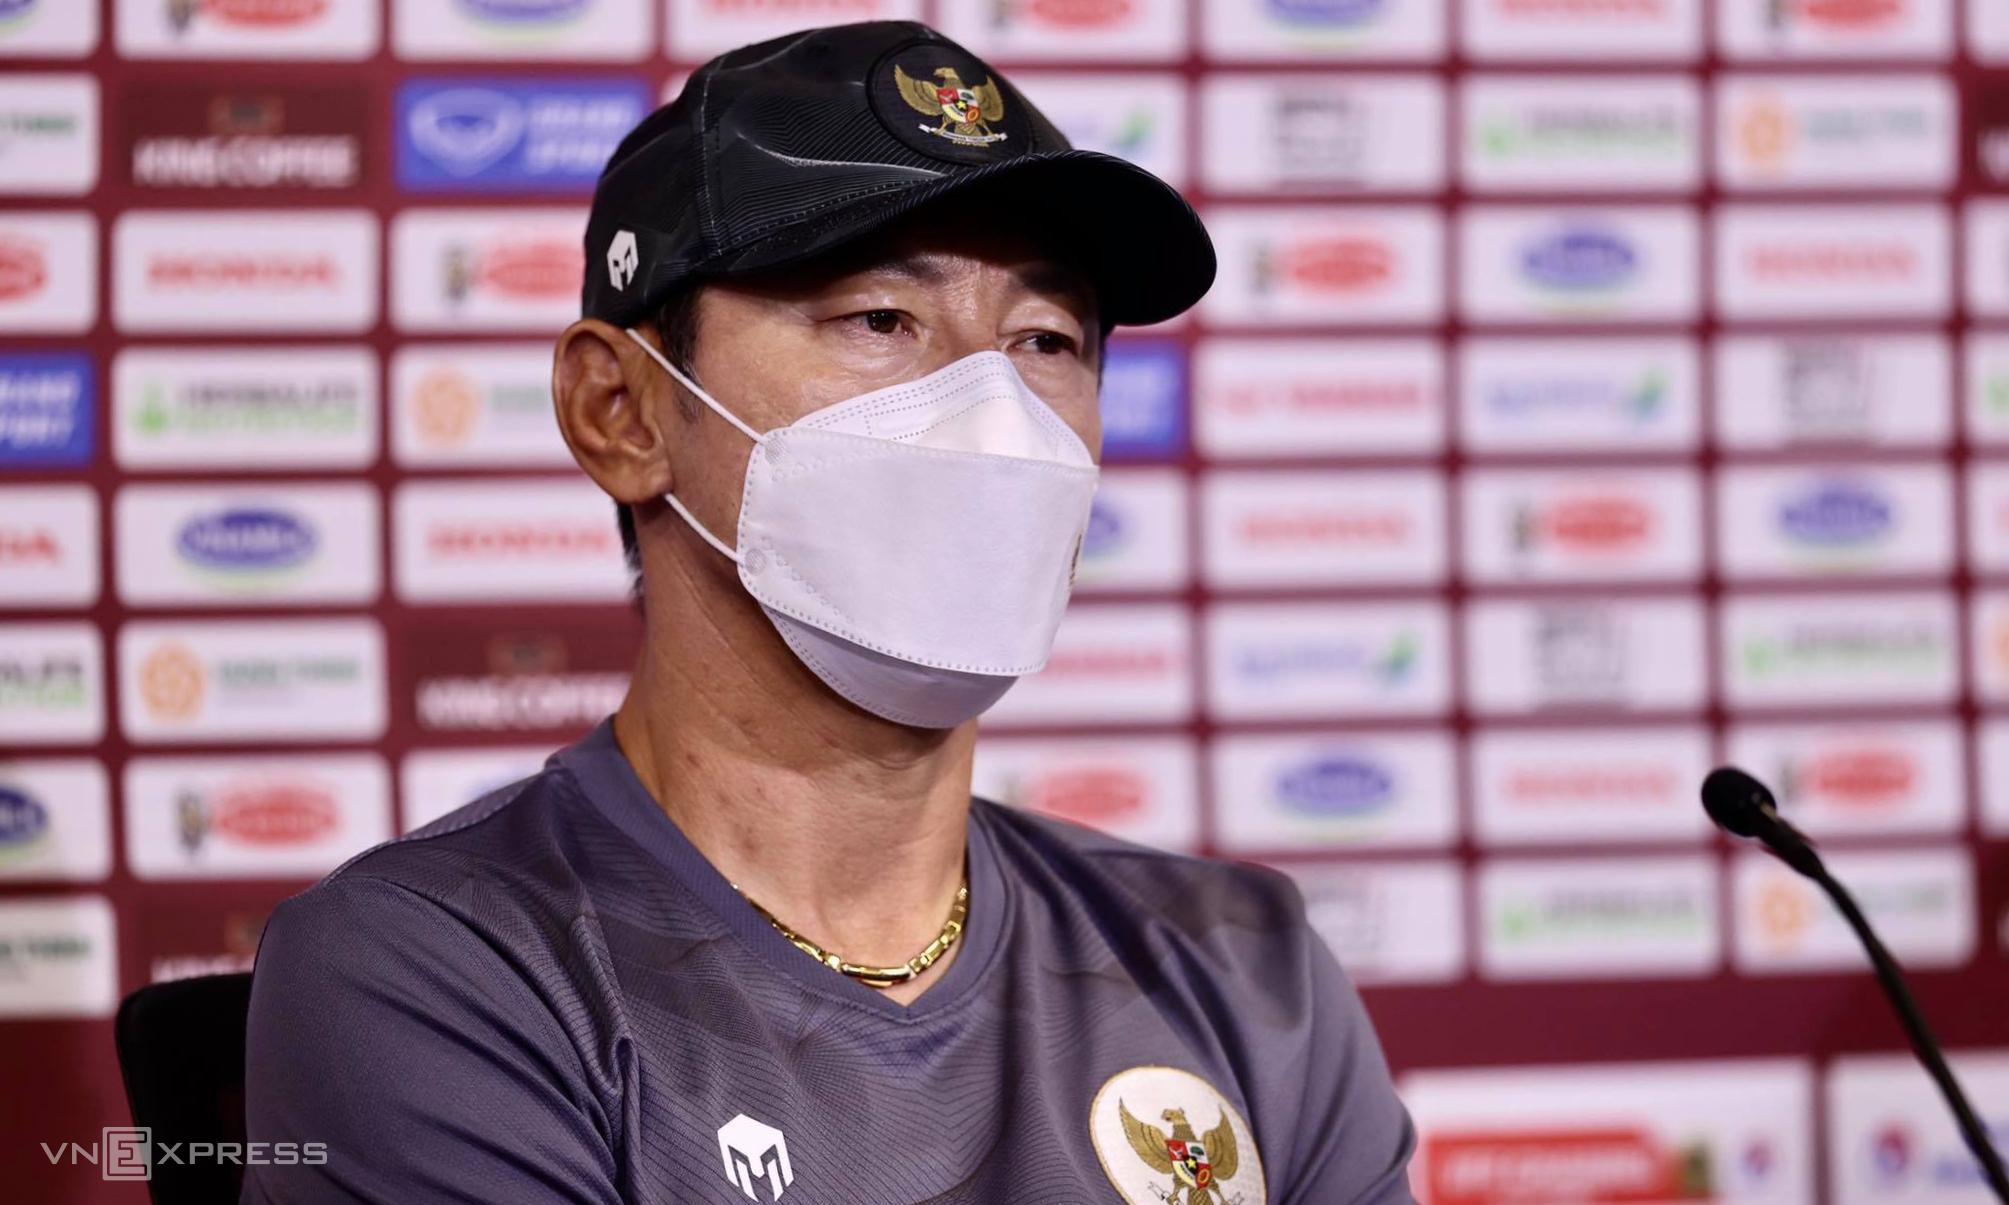 HLV Shin Tae-yong trong cuộc họp báo trước trận Indonesia - Việt Nam. Ảnh: Lâm Thoả